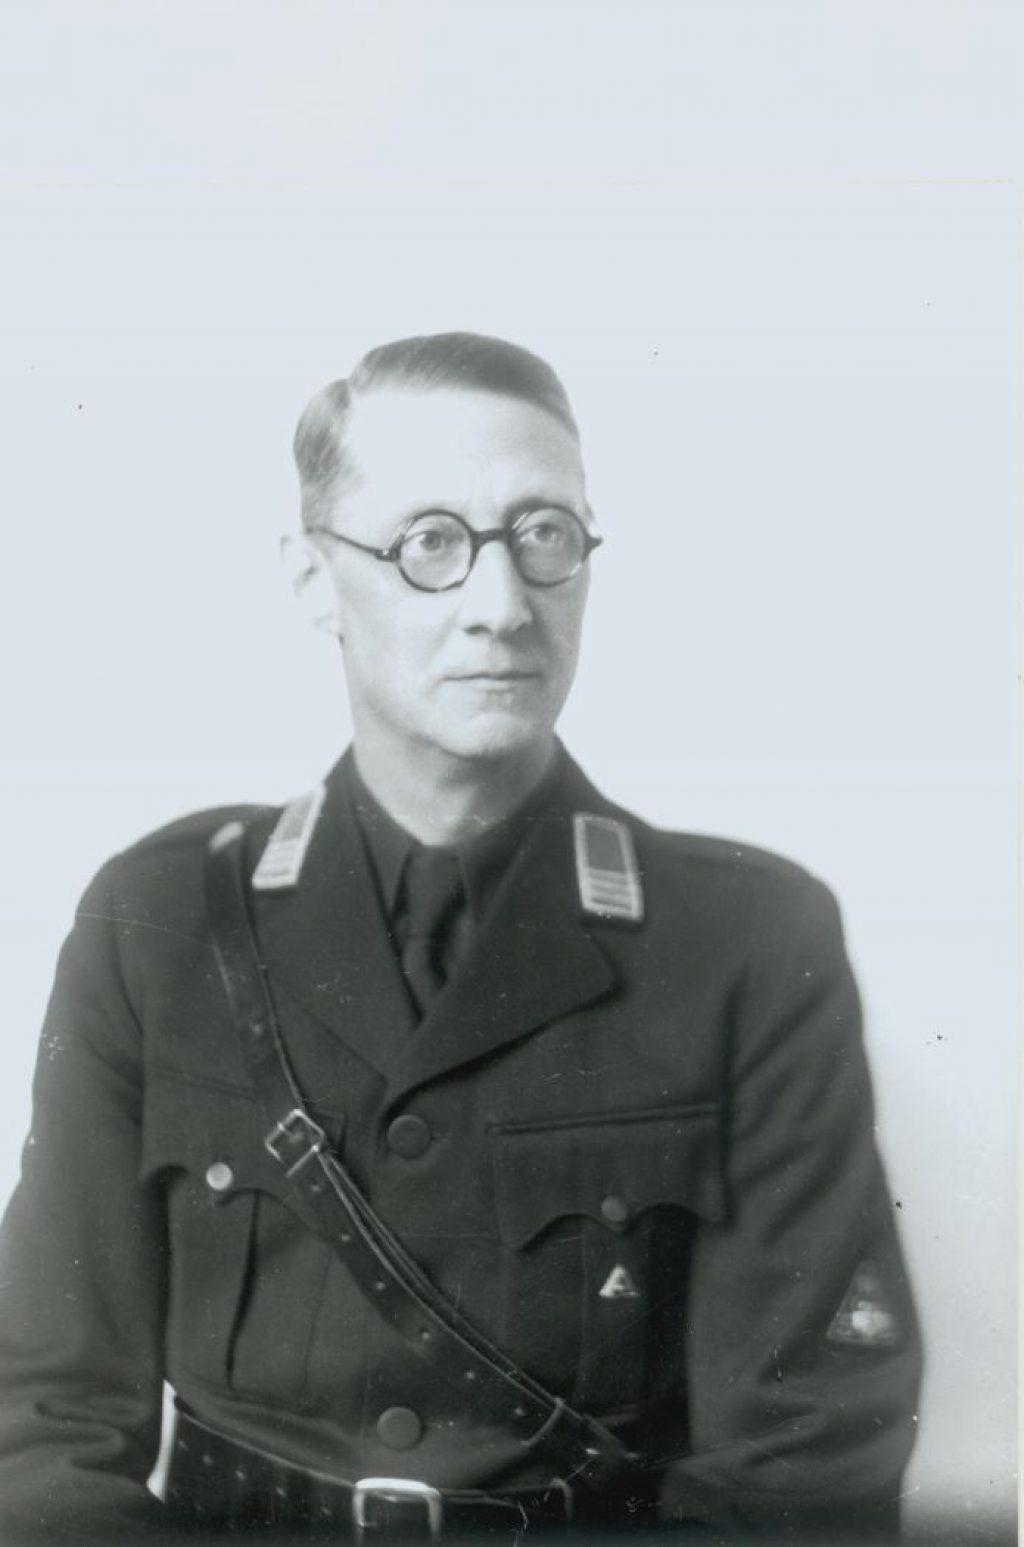 Portret van F.W. van Vloten in NSB-kostuum, 1941, foto P. Odijk (TMS 82339)